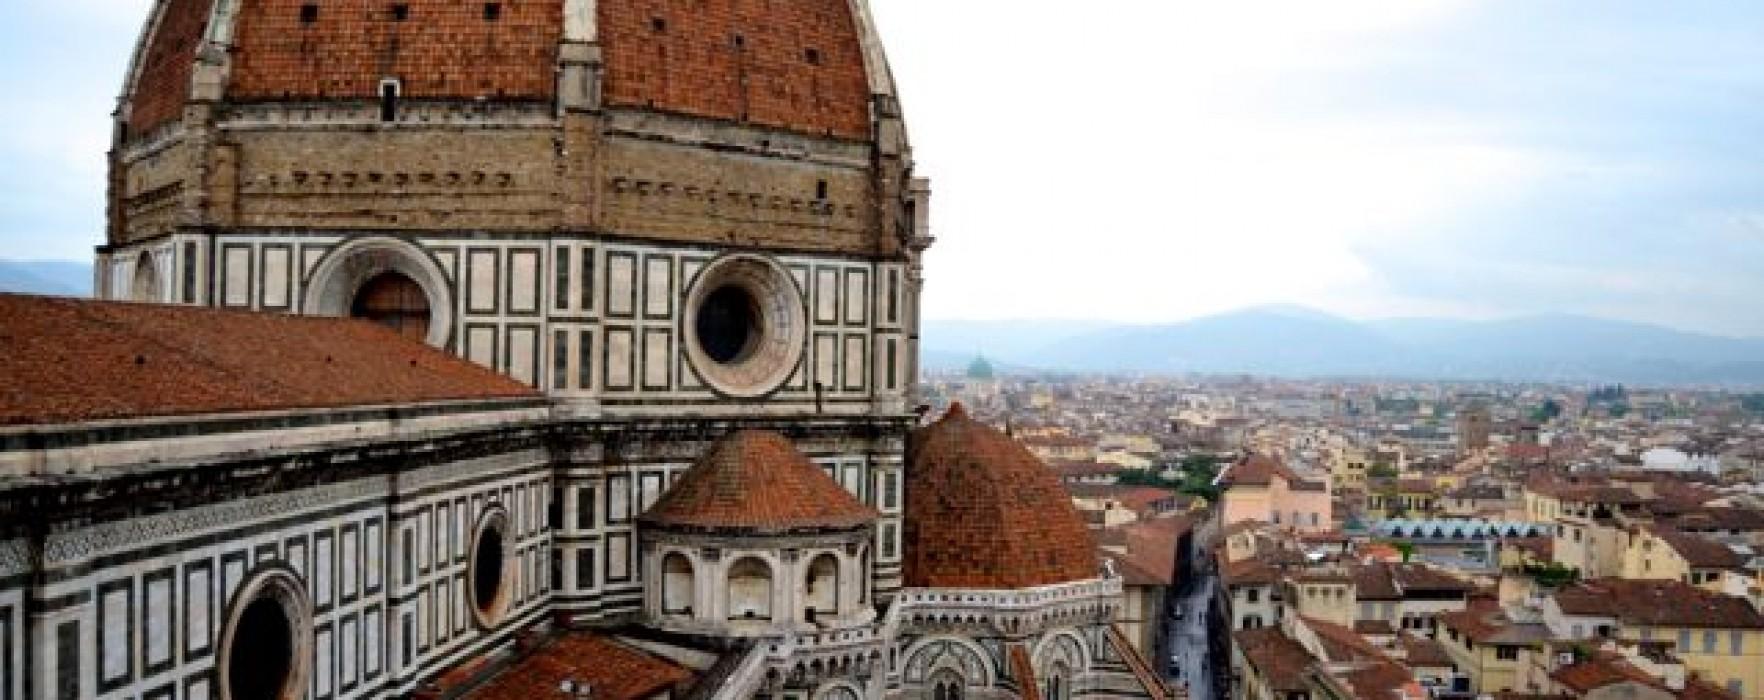 In Italia da turista. Tra arte, bellezza e inefficienza.